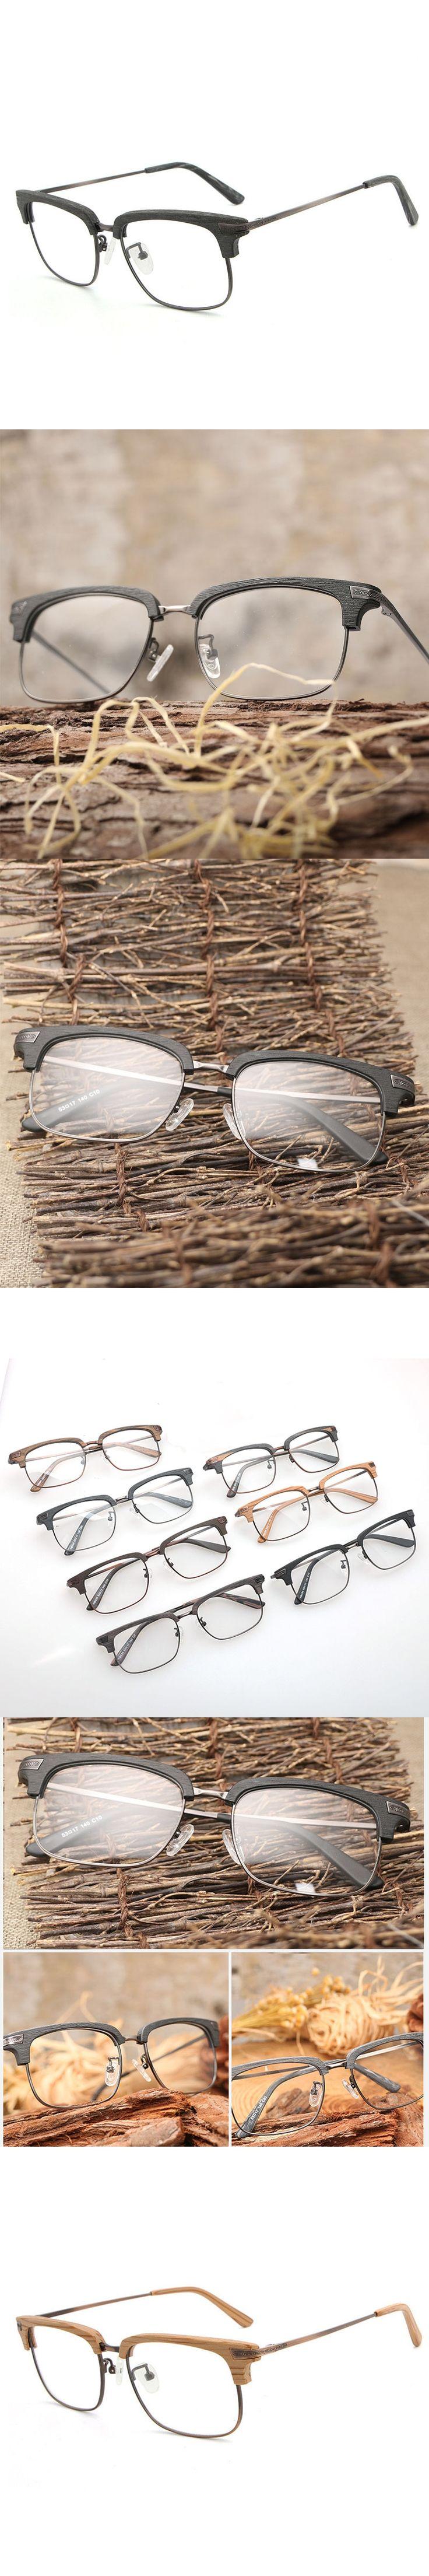 Retro Wood Optical Glasses Frames Clear Lens Wooden Eyeglasses Frame for Women Men prescription Glasses Computer Reading Glasses